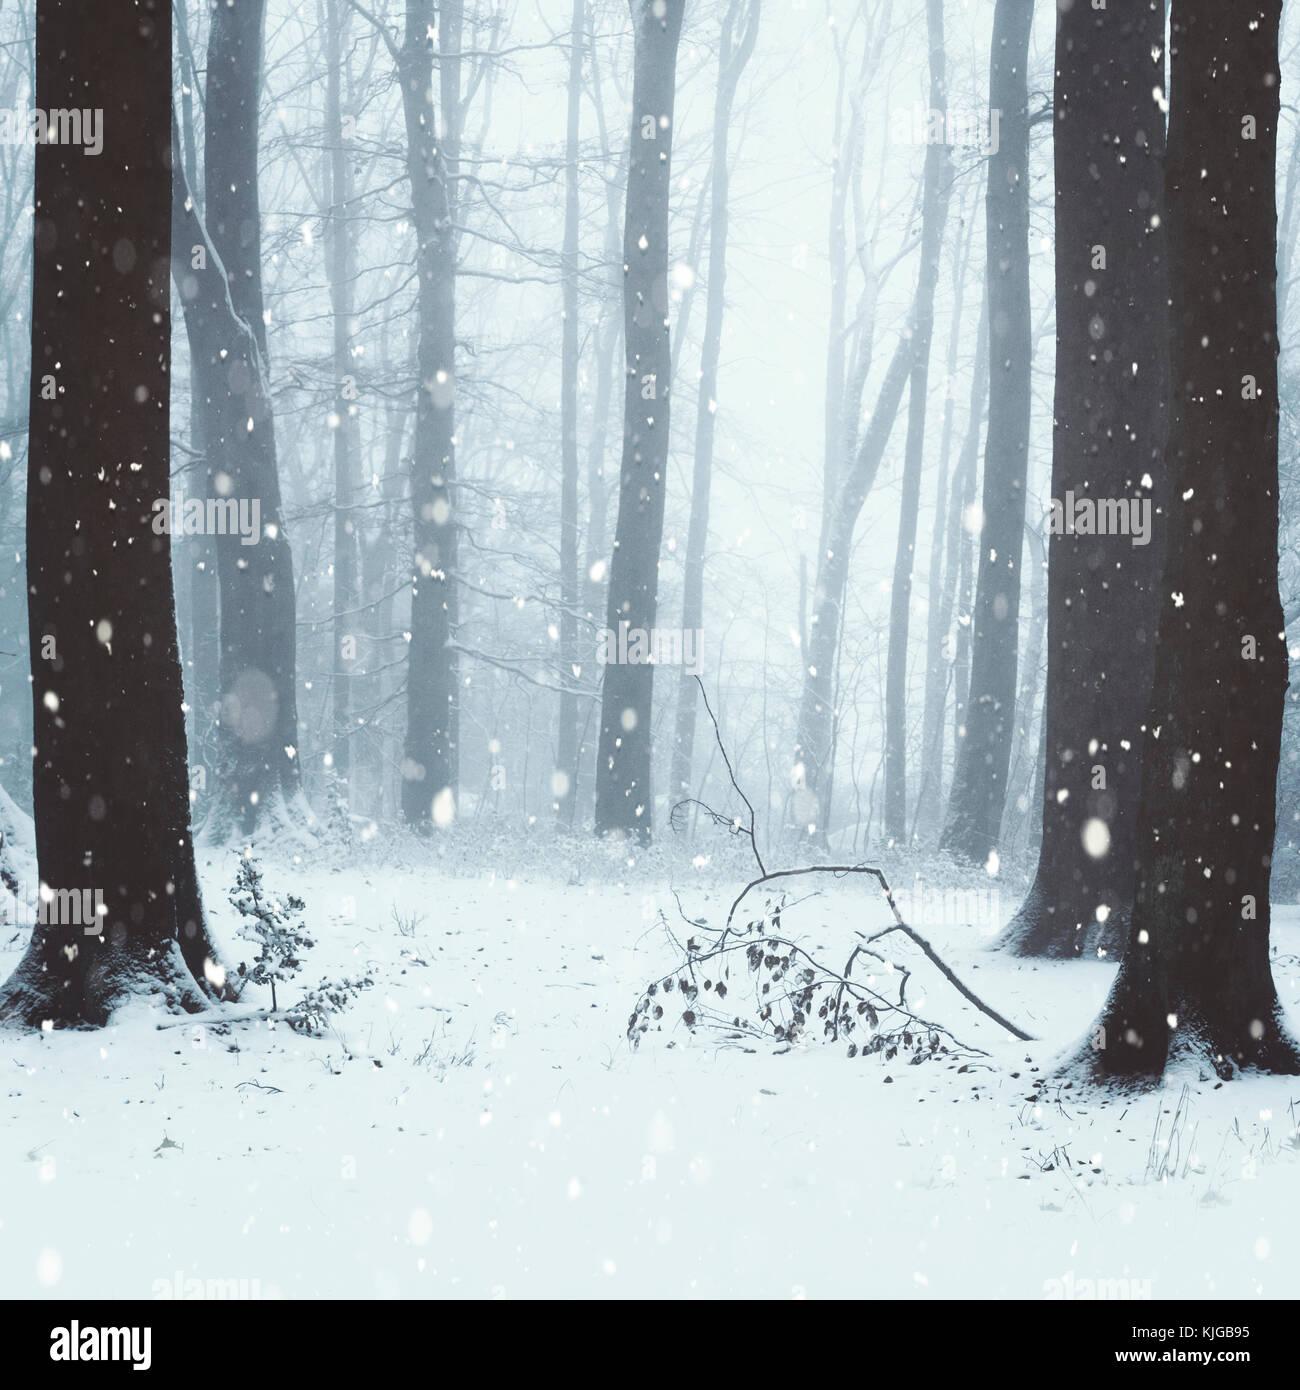 Schneetreiben in Laubwald, Wuppertal, Deutschland - Stock Image